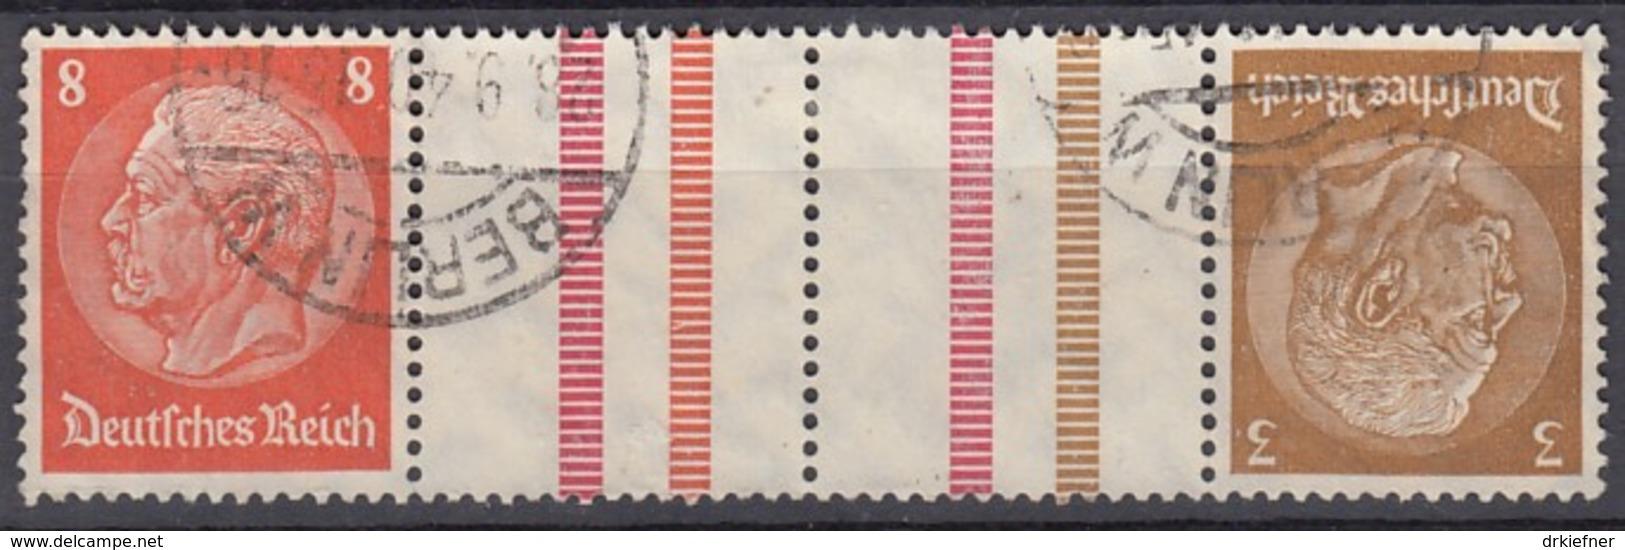 DR KZ 34, Gestempelt, Hindenburg 1940/41 - Zusammendrucke